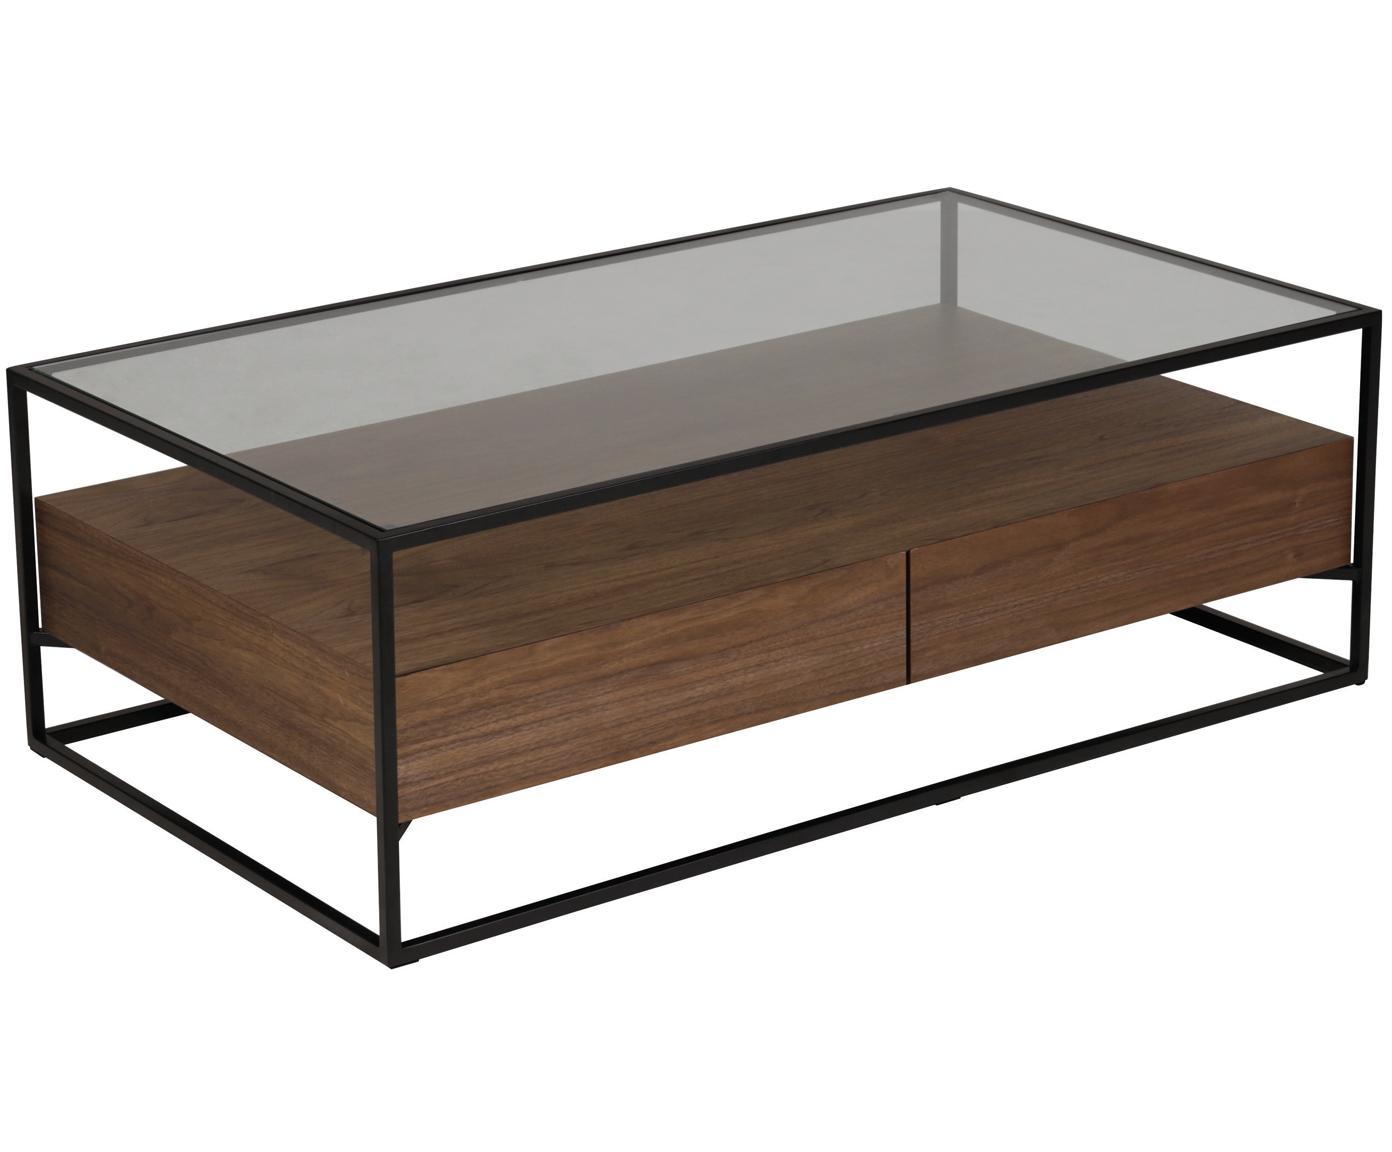 Couchtisch Helix mit Schubladen, Gestell: Metall, pulverbeschichtet, Sockel und Tischplatte: Glas, Schwarz, Braun, 120 x 40 cm